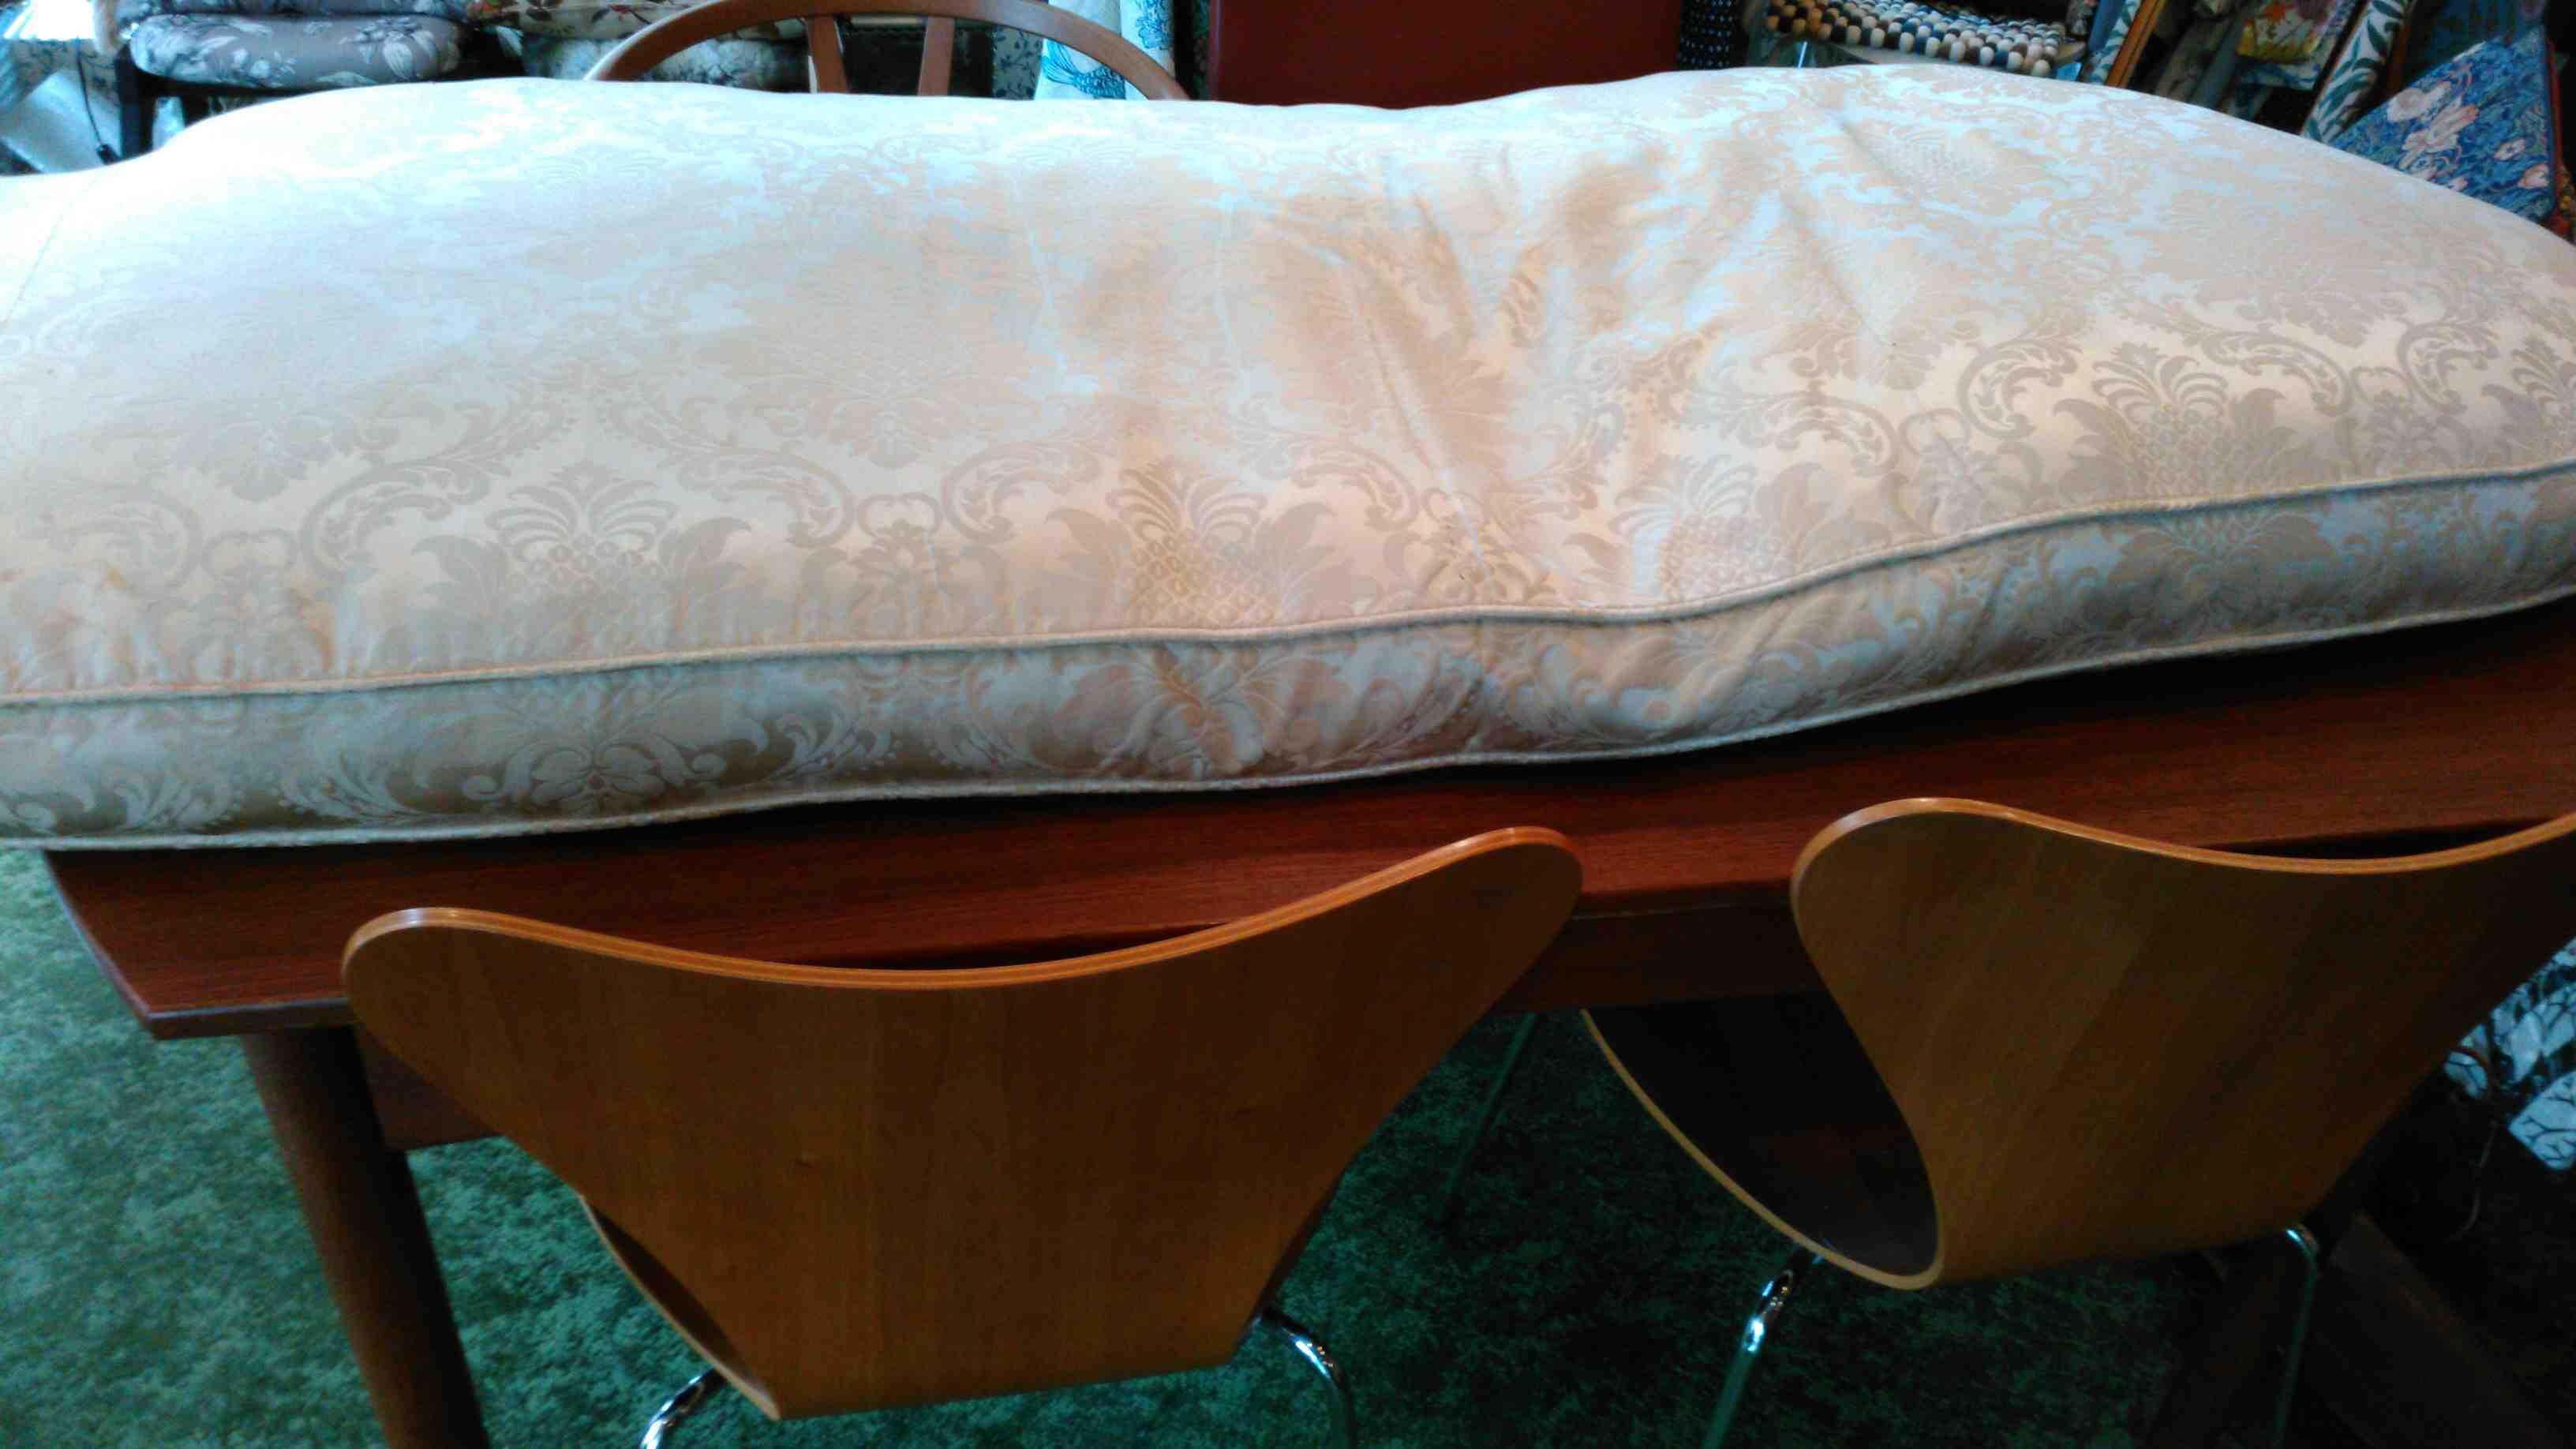 ソファと椅子のクッションクリーニング_c0157866_19482446.jpg